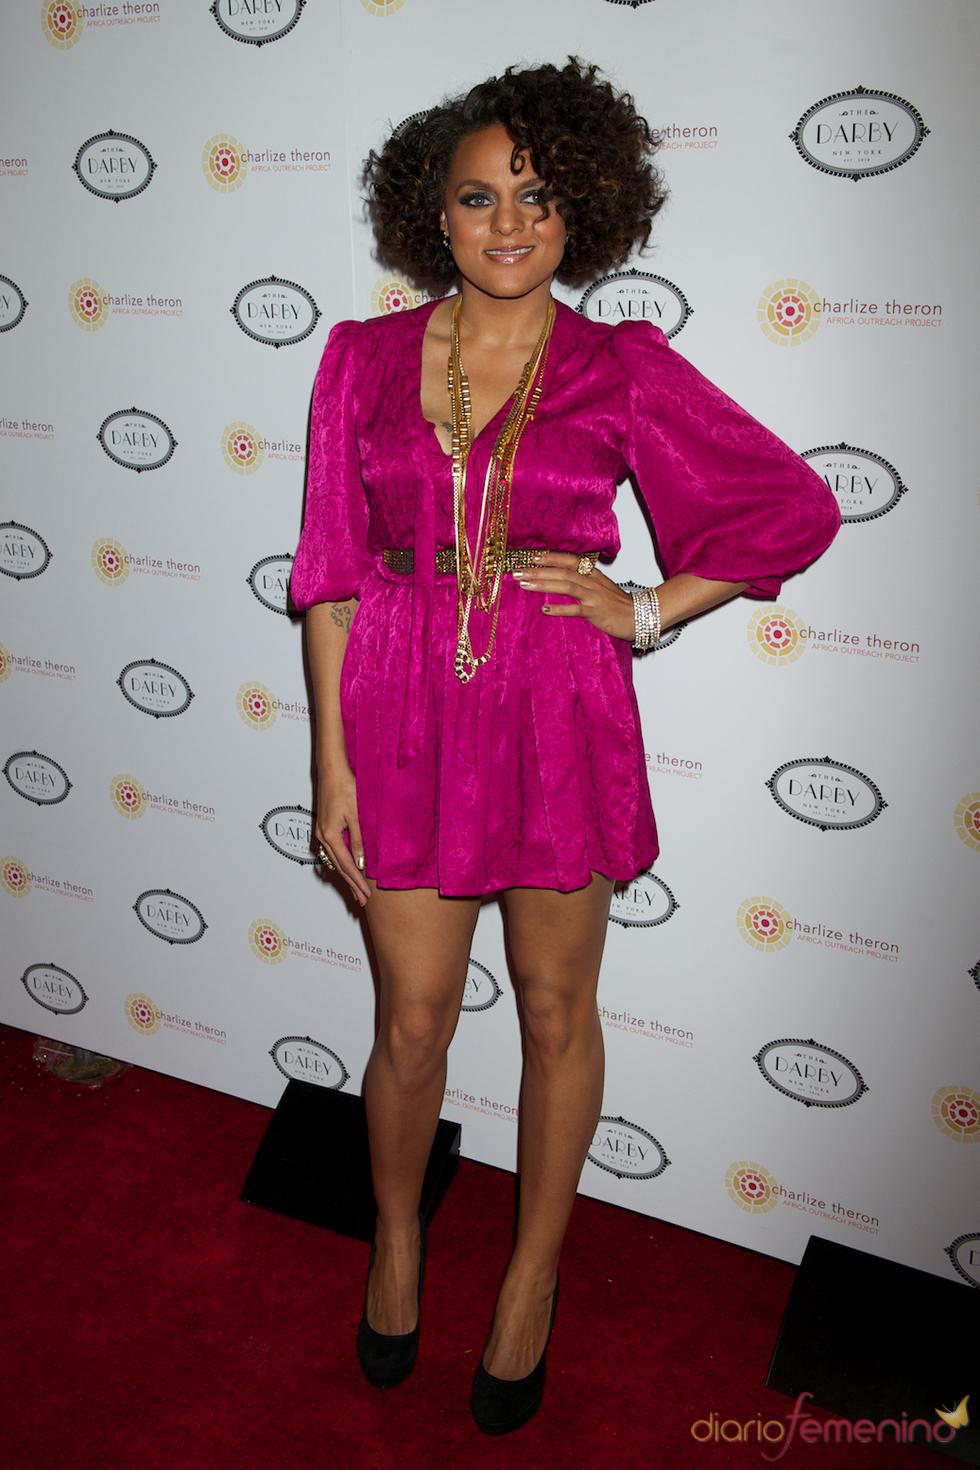 Marsha Ambrosius en la fiesta benéfica de Charlize Theron en Nueva York